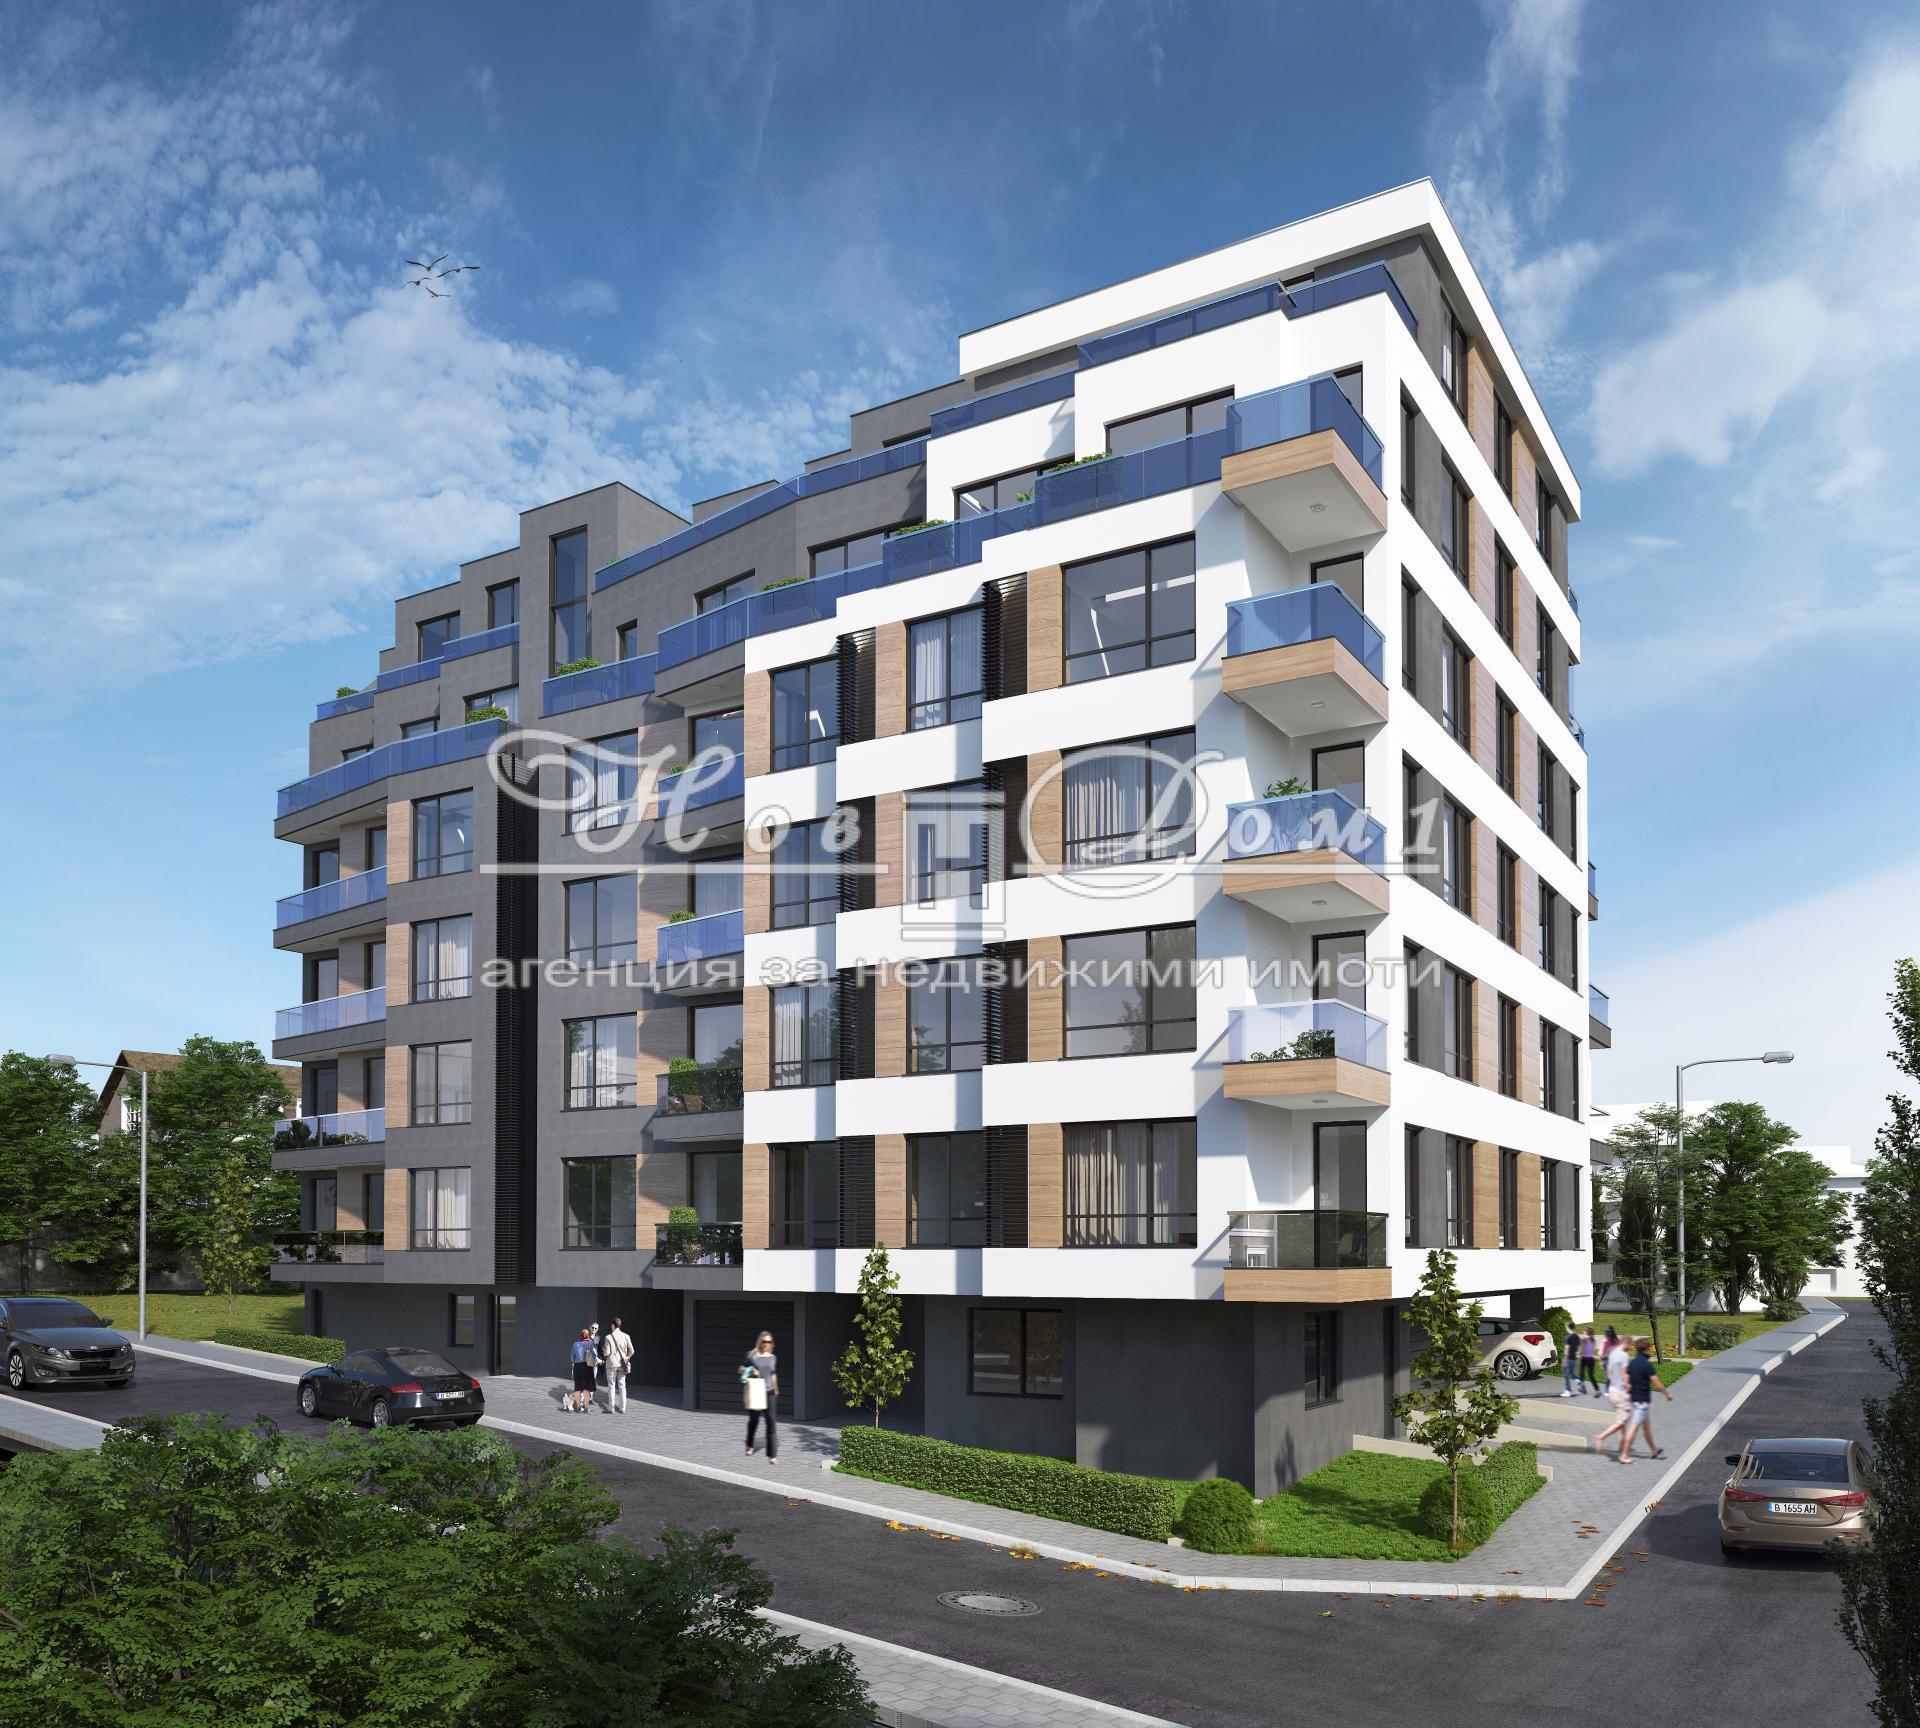 Prodava Sgrada Varna Levski 560